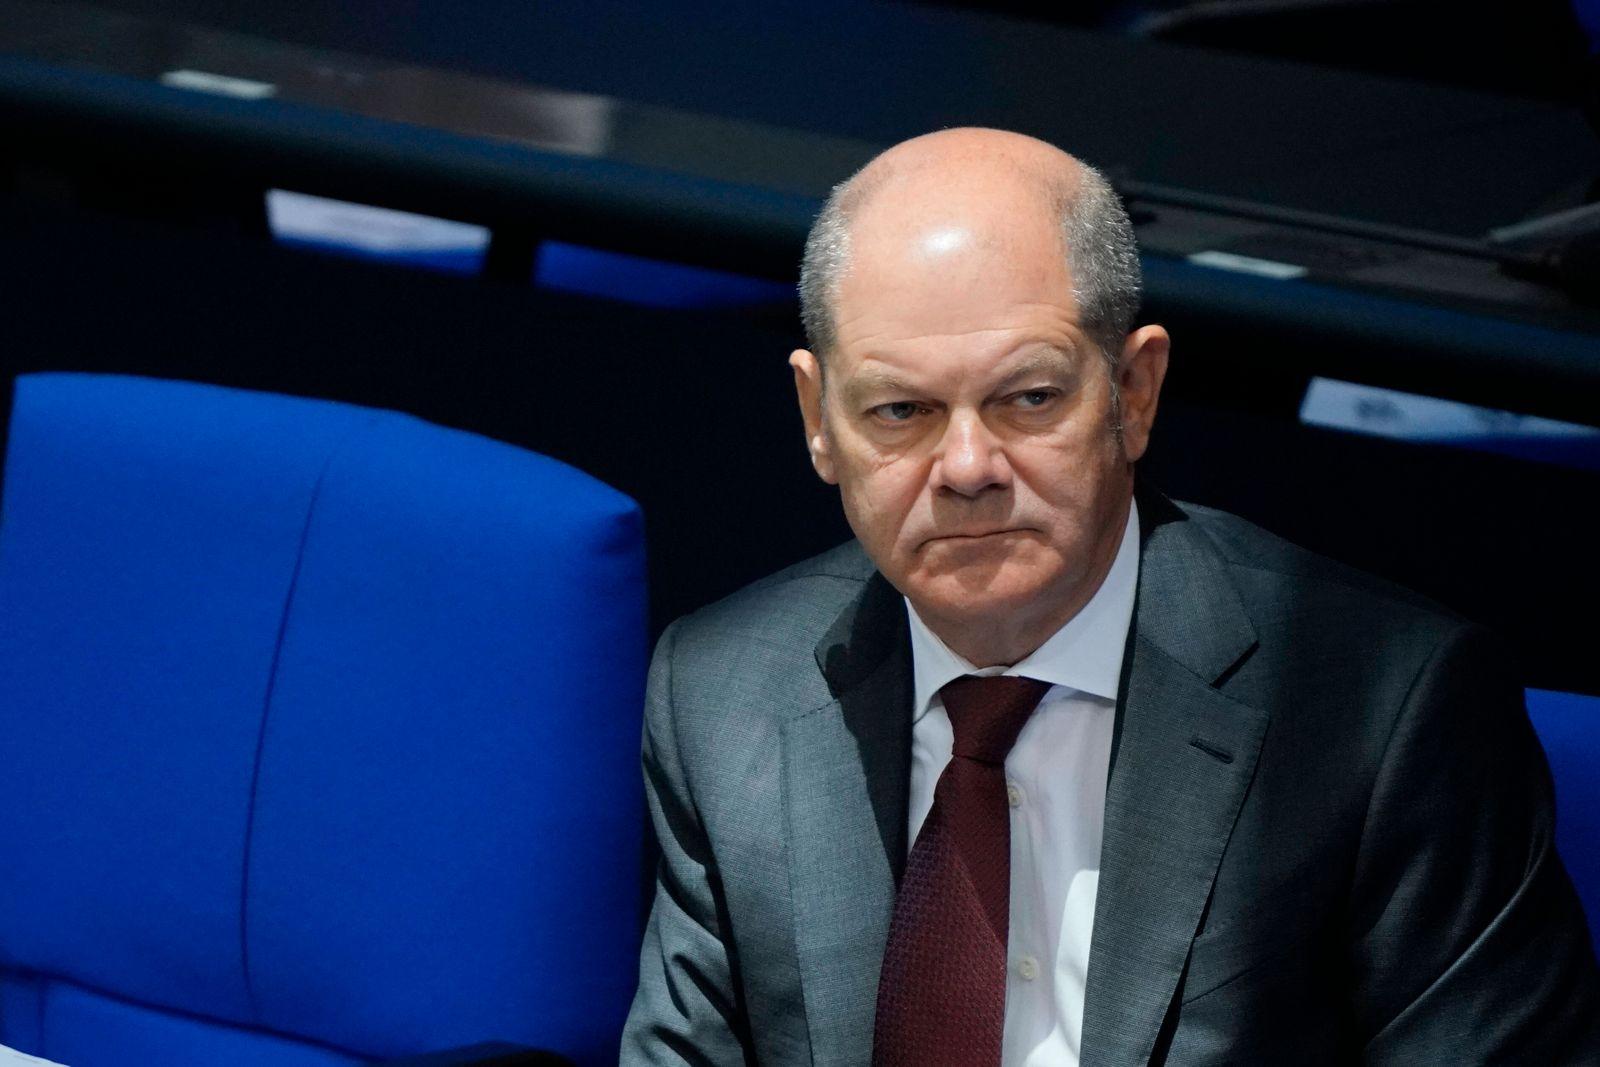 179. Sitzung des Deutschen Bundestages mit der Haushaltsdebatte in Berlin Aktuell, 30.09.2020, Berlin Olaf Scholz der Bu